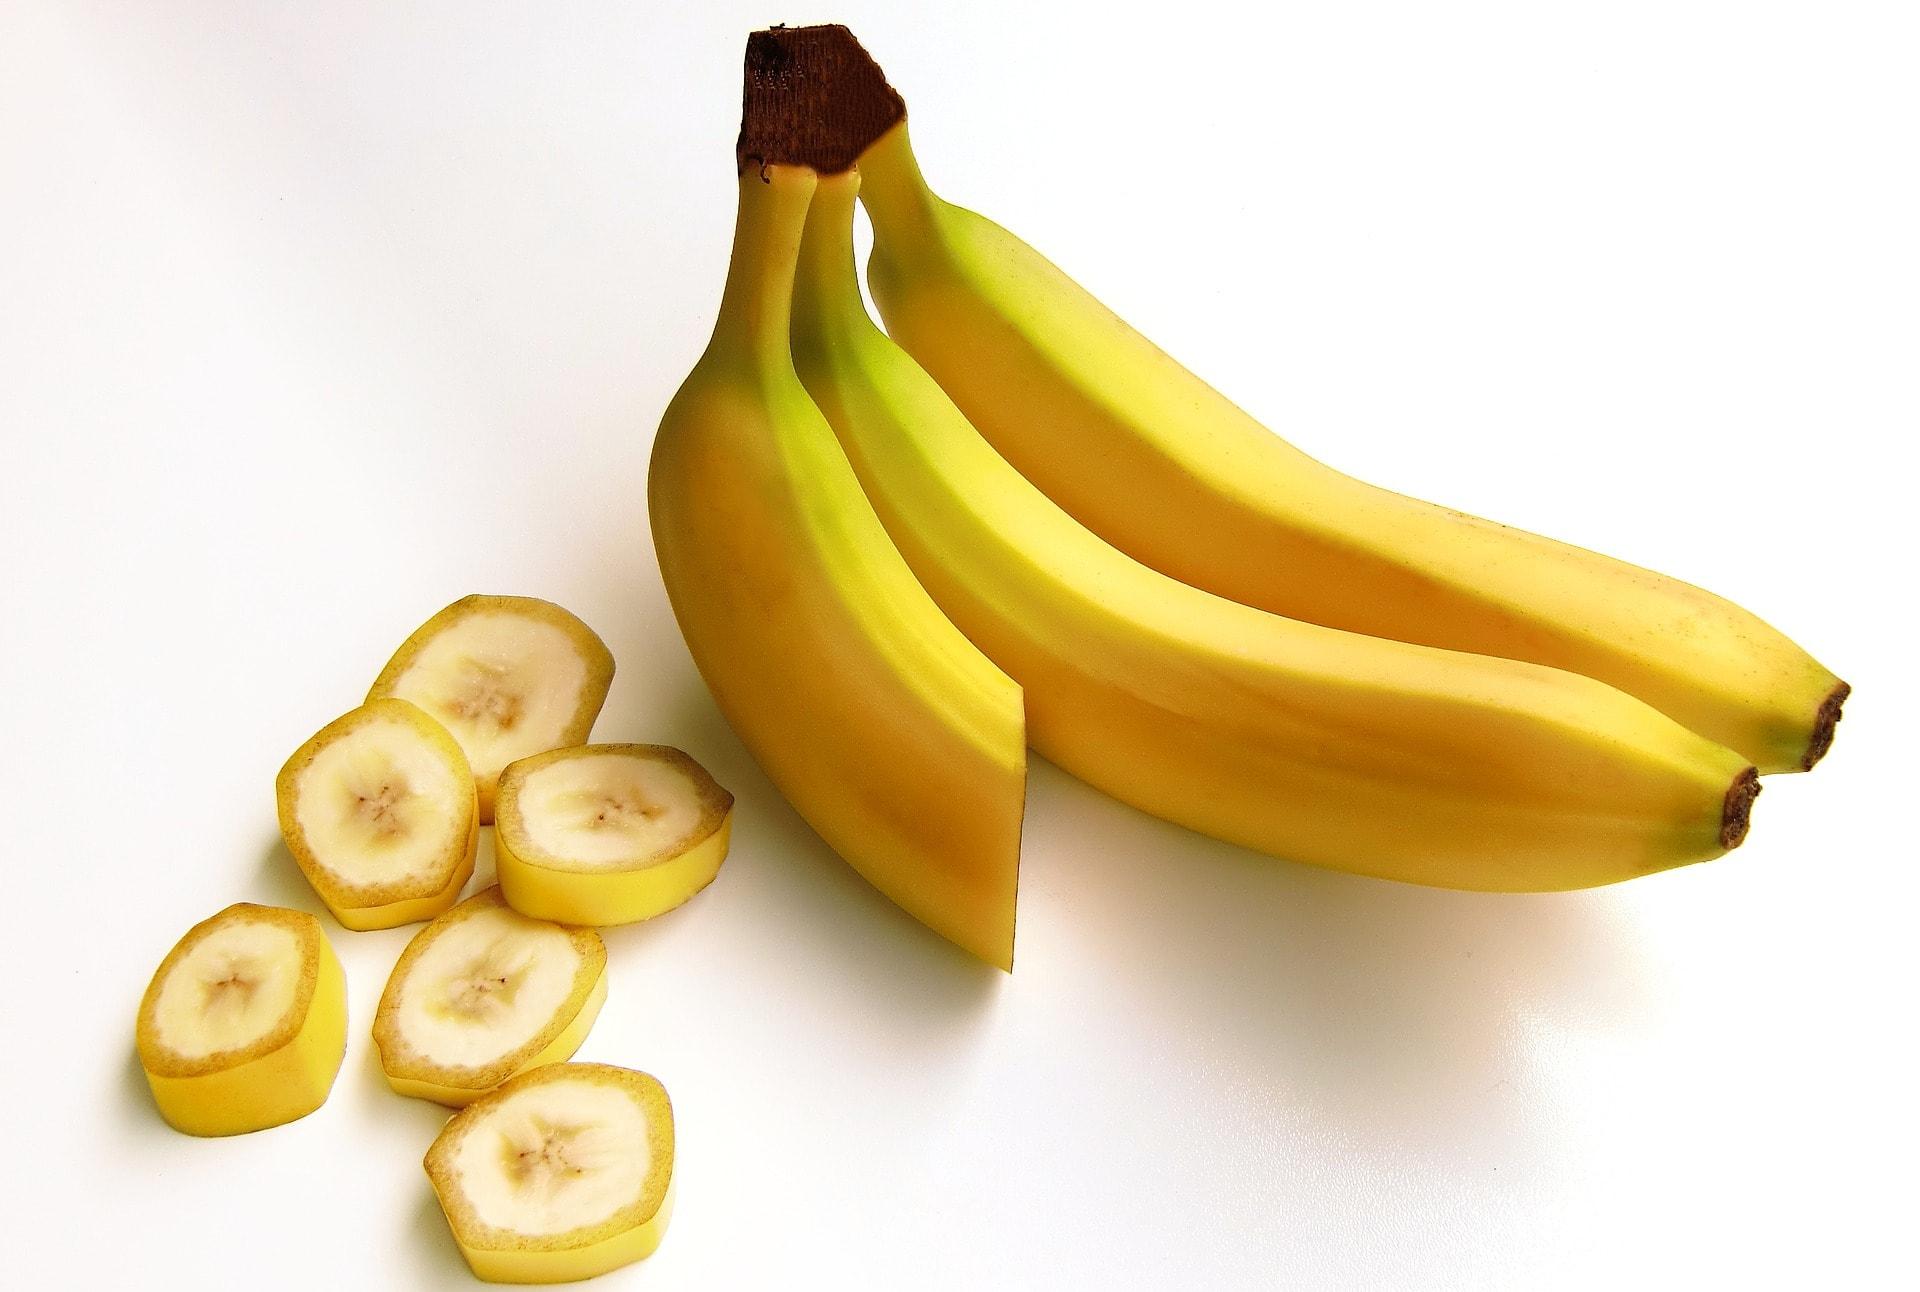 Vienas bananas per dieną iš esmės pakeis jūsų sveikatą | ingridasimonyte.lt